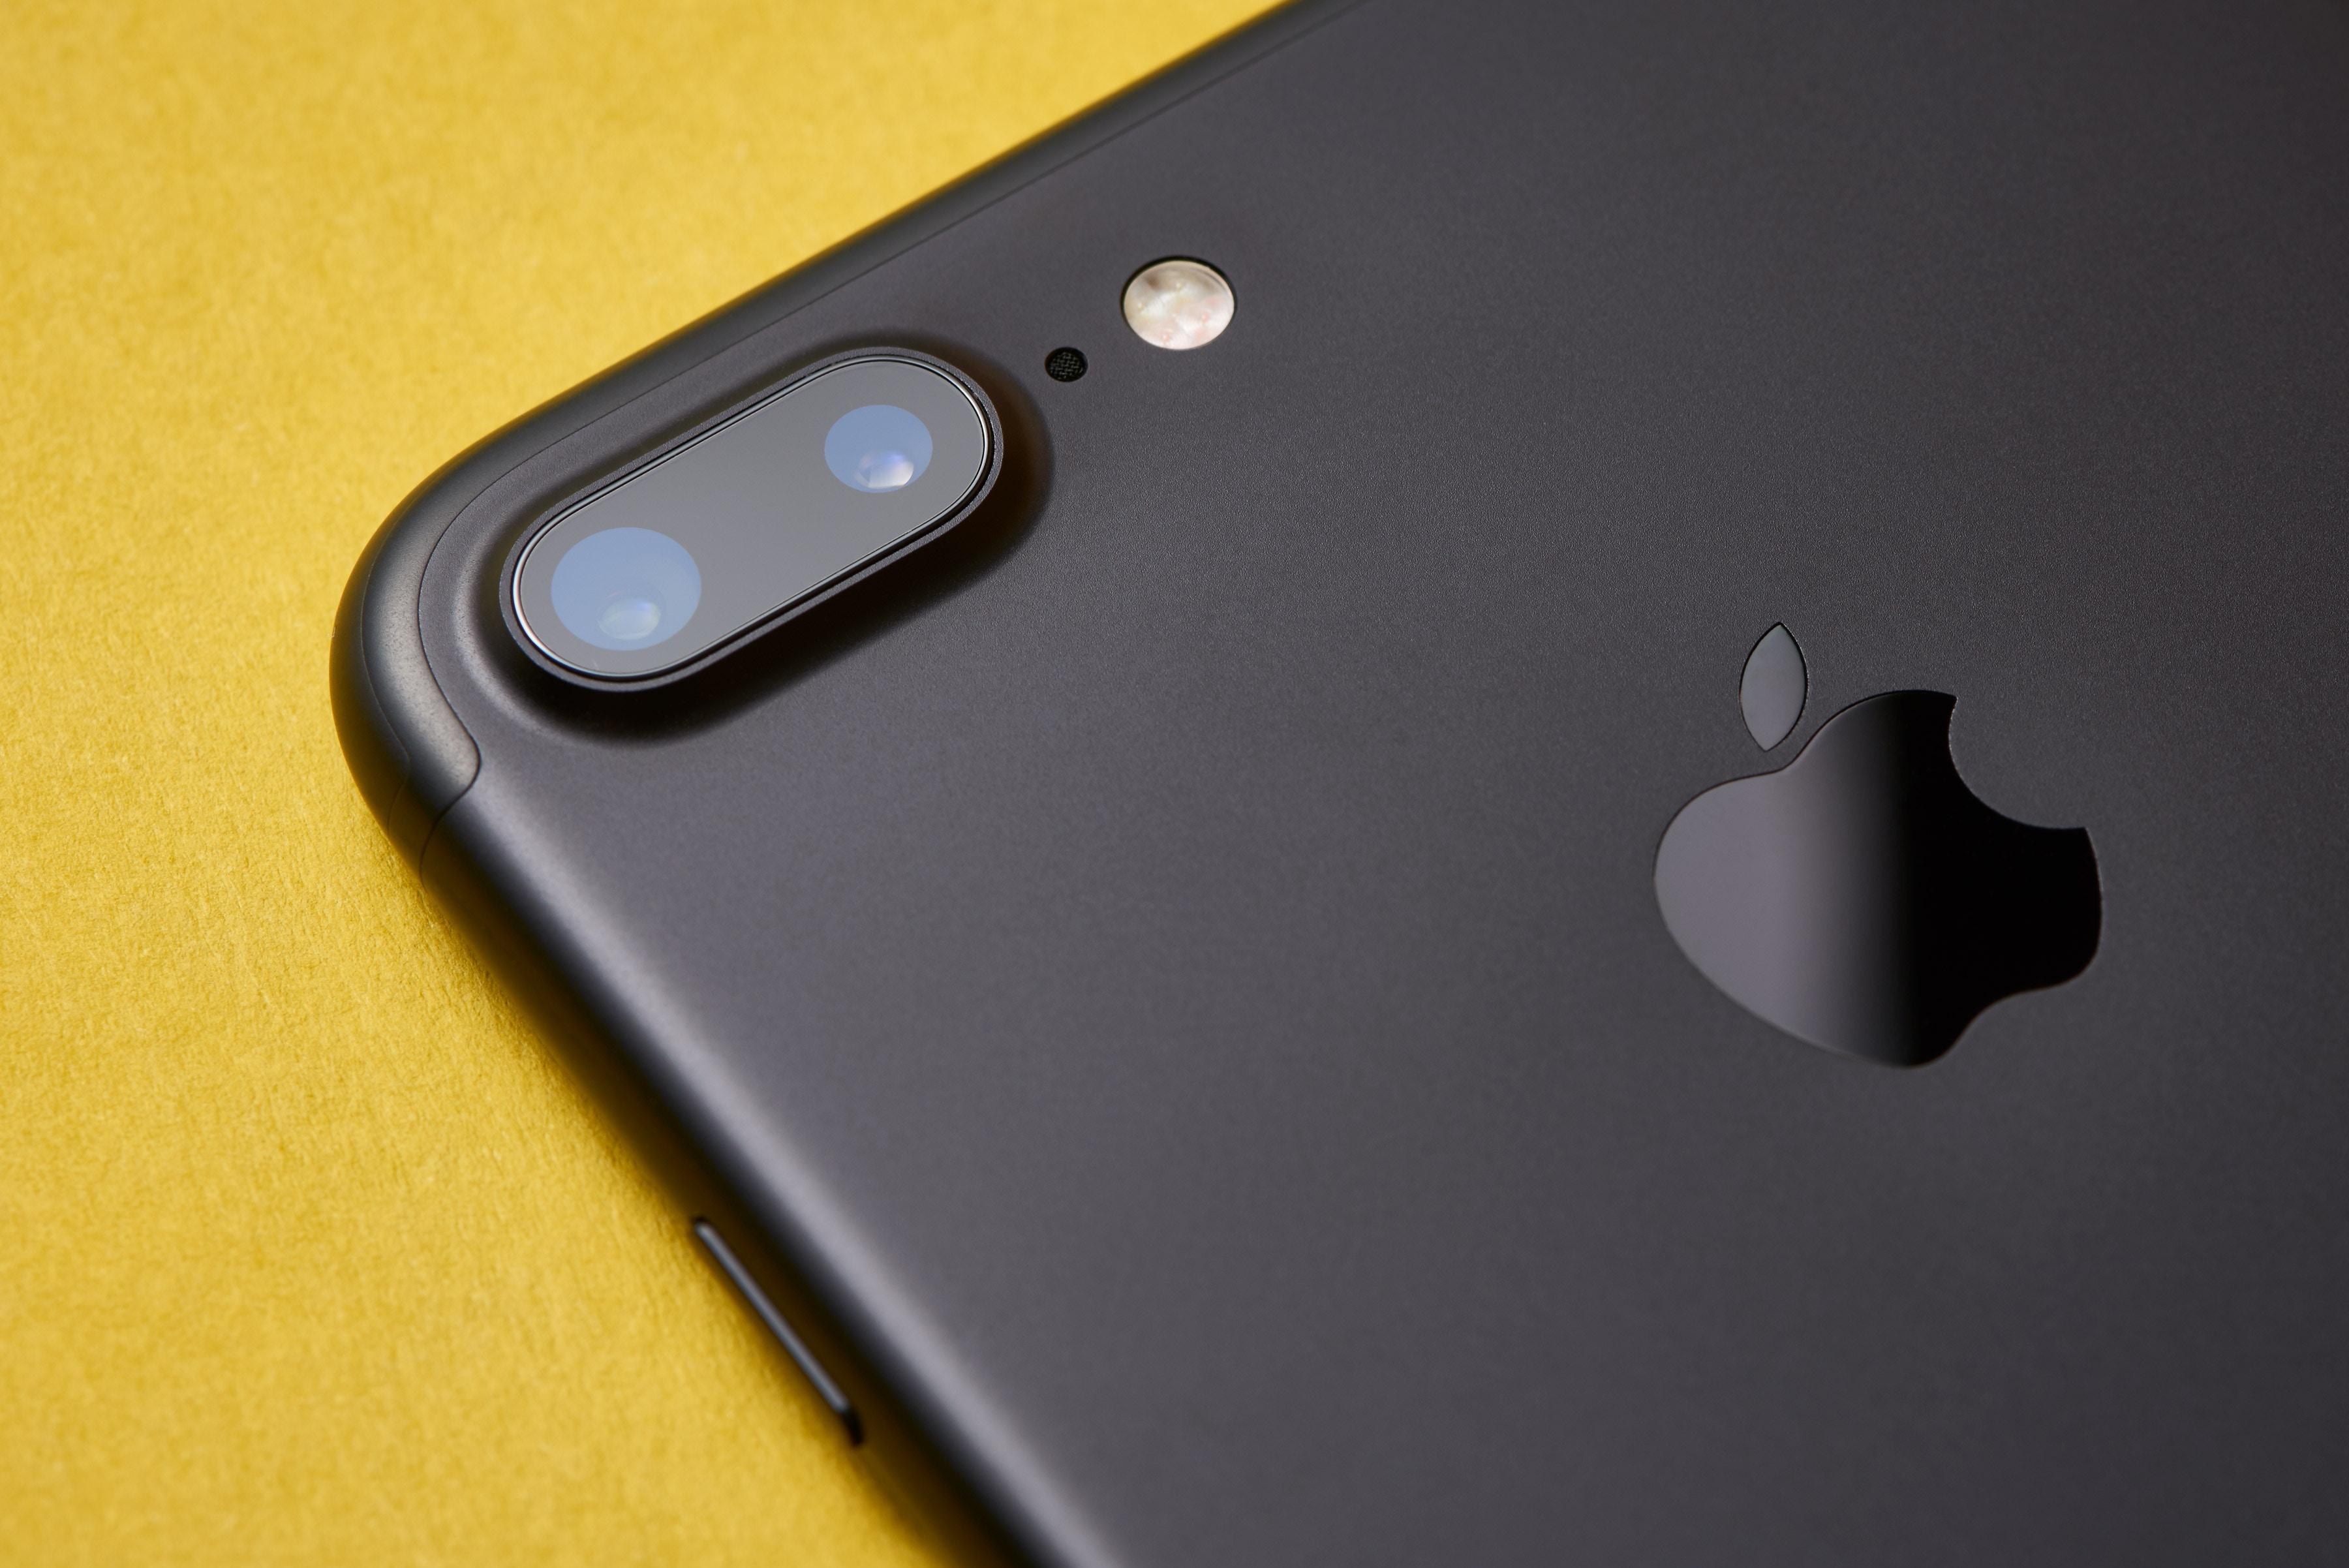 Covers til iPhone 8 - hvor køber jeg dem?